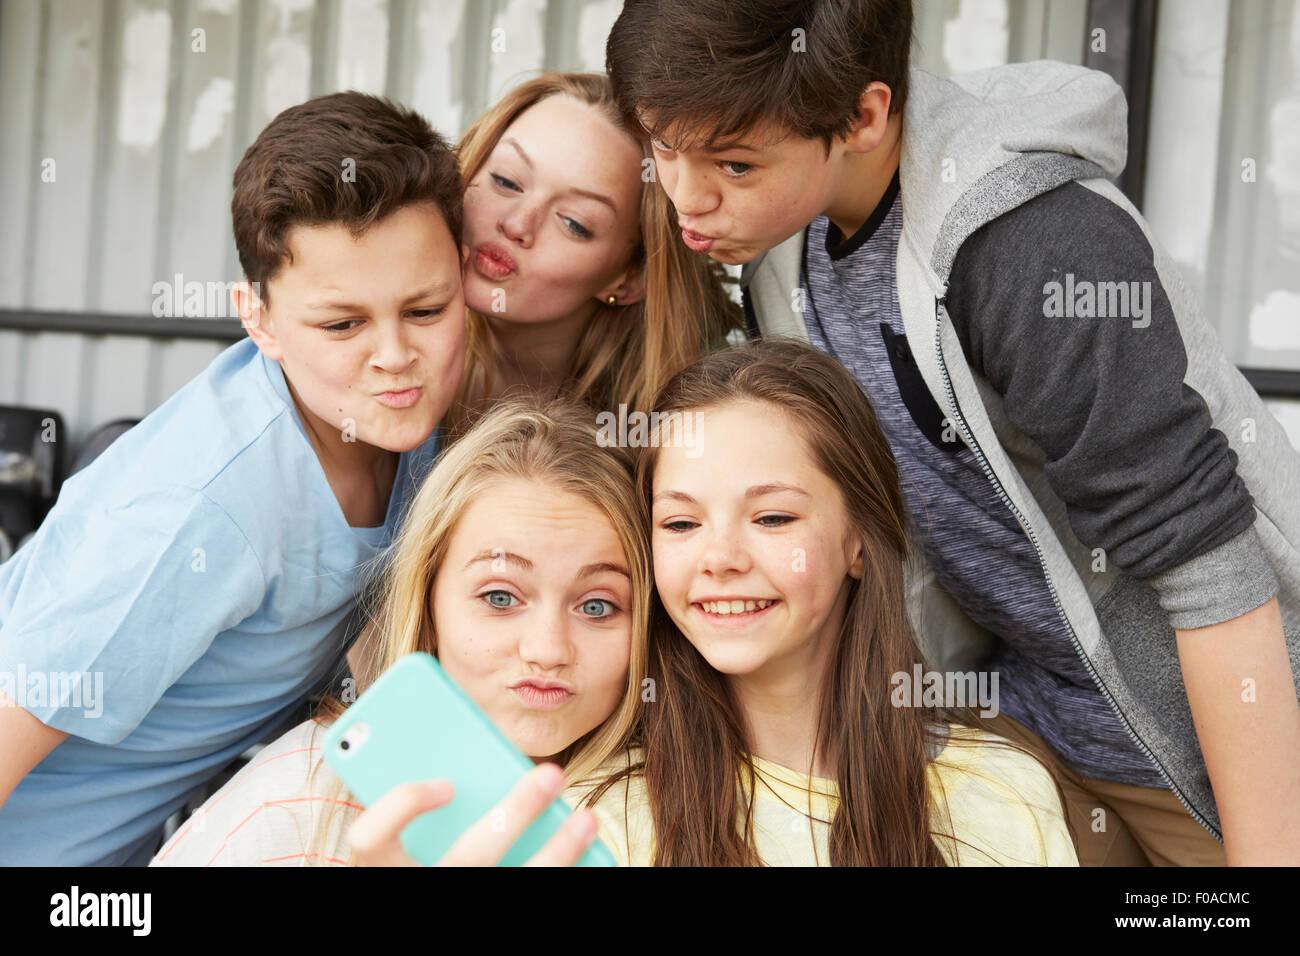 Cinque i ragazzi e le ragazze a fare ritratti per smartphone selfie in rifugio Immagini Stock